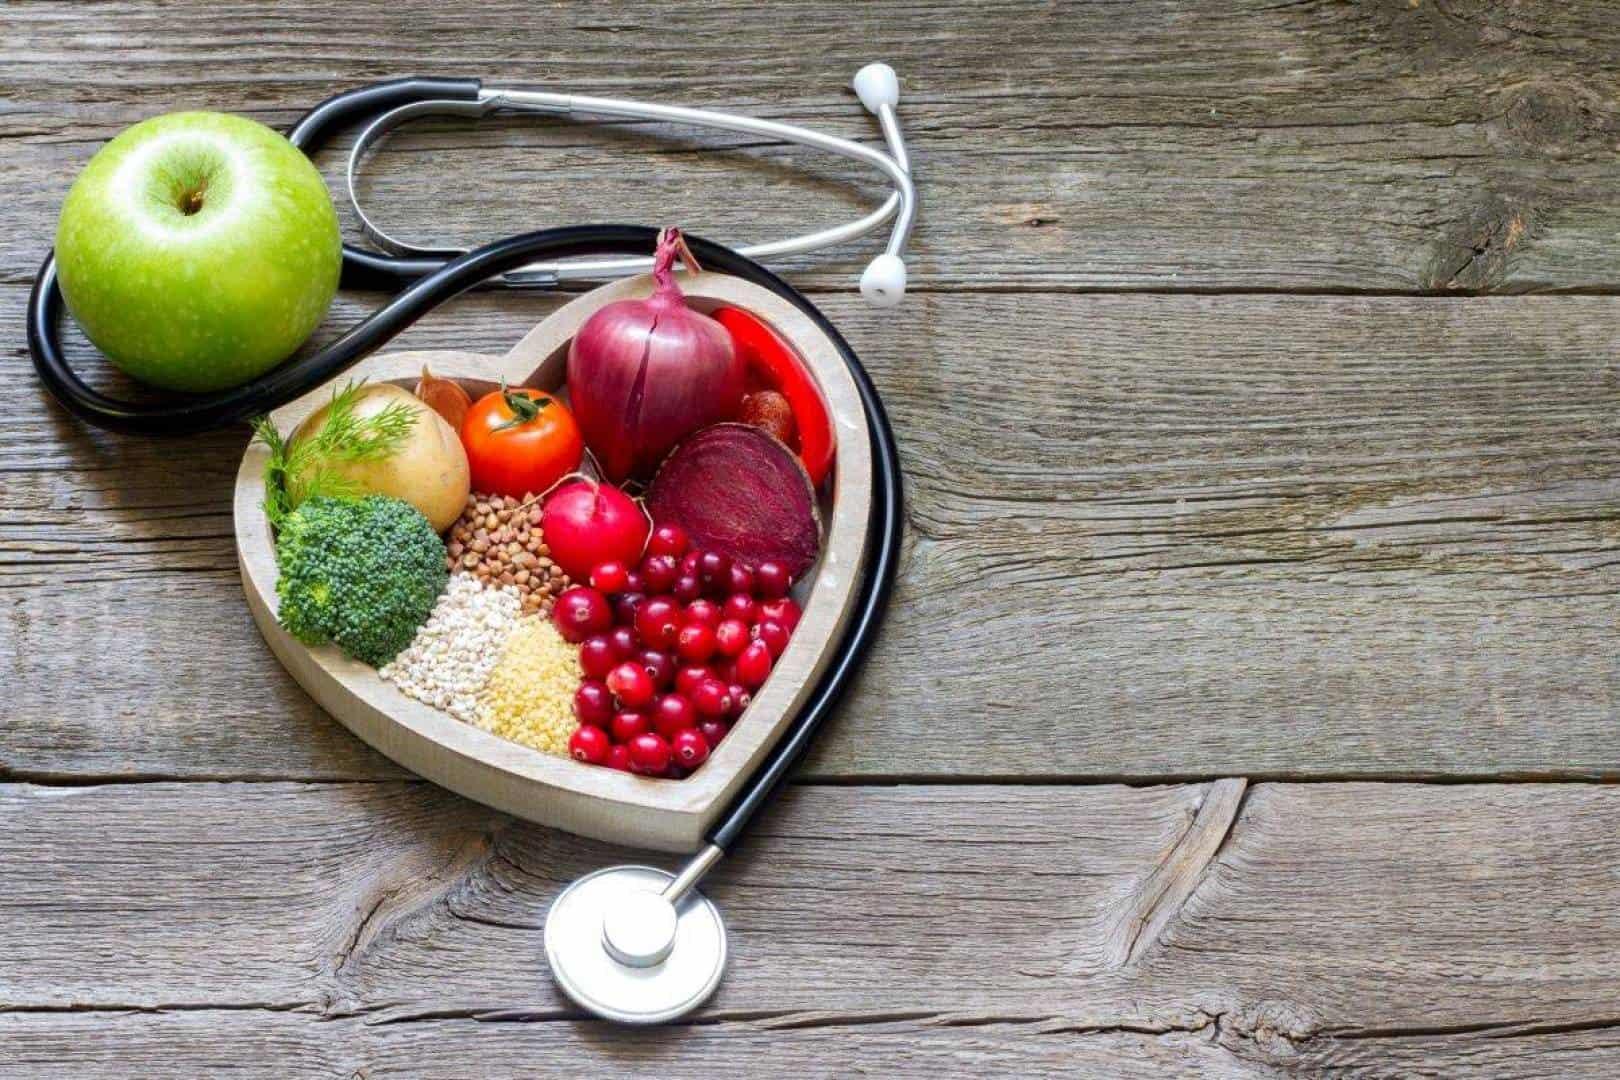 أطعمة ينصح بتناولها بعد الاصابة بسكتة قلبية